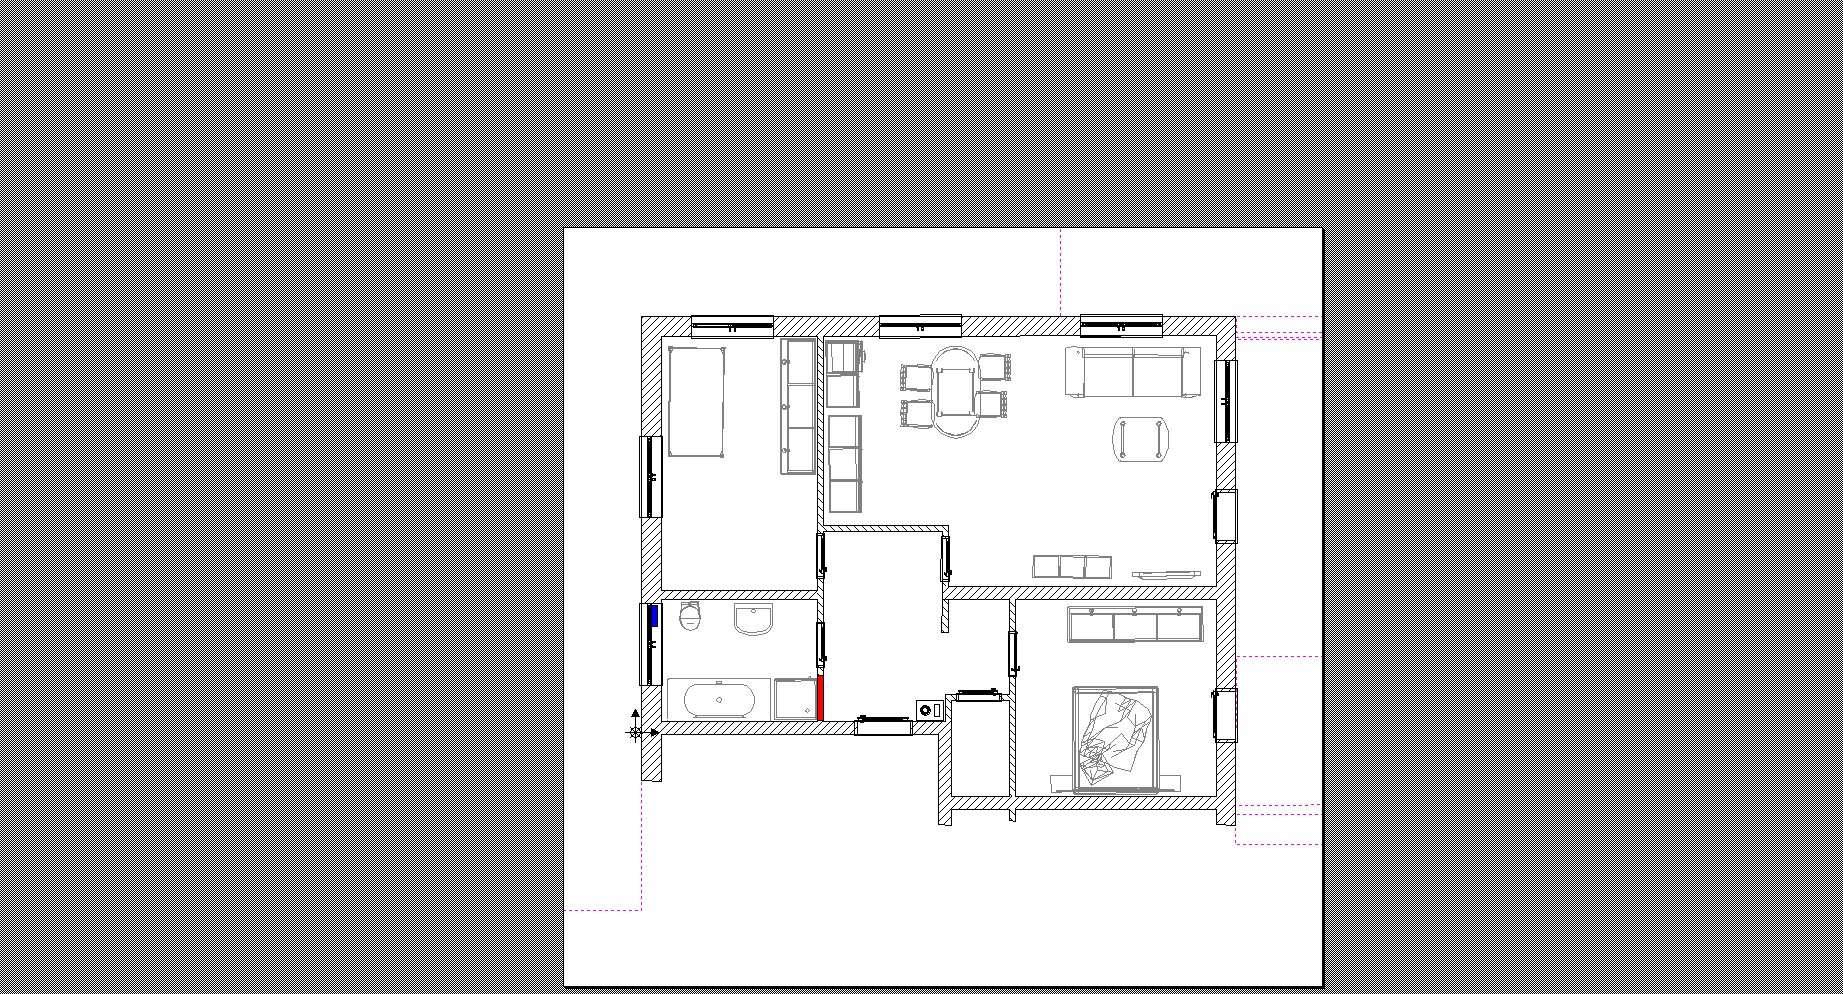 Laufen, 3 Zimmer Wohnung 1 OG mit Balkon